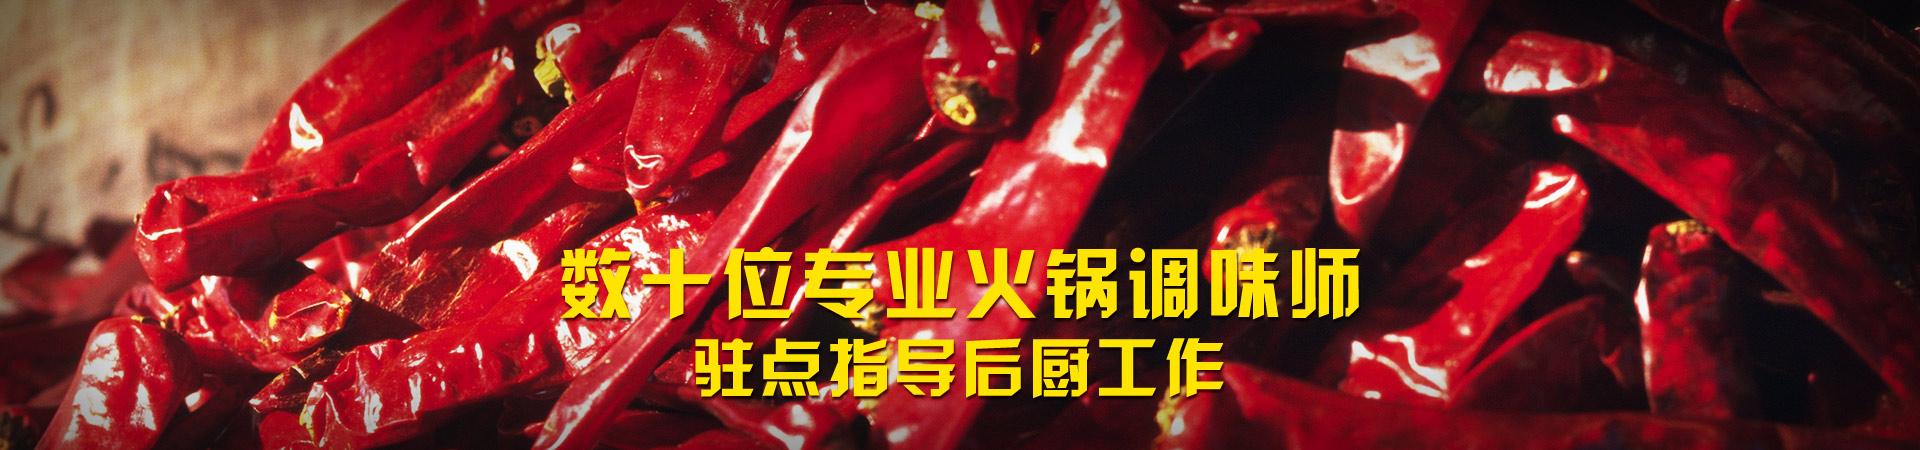 重庆火锅底料批发,重庆火锅底料代加工,重庆火锅底料厂,重庆火锅底料加工厂